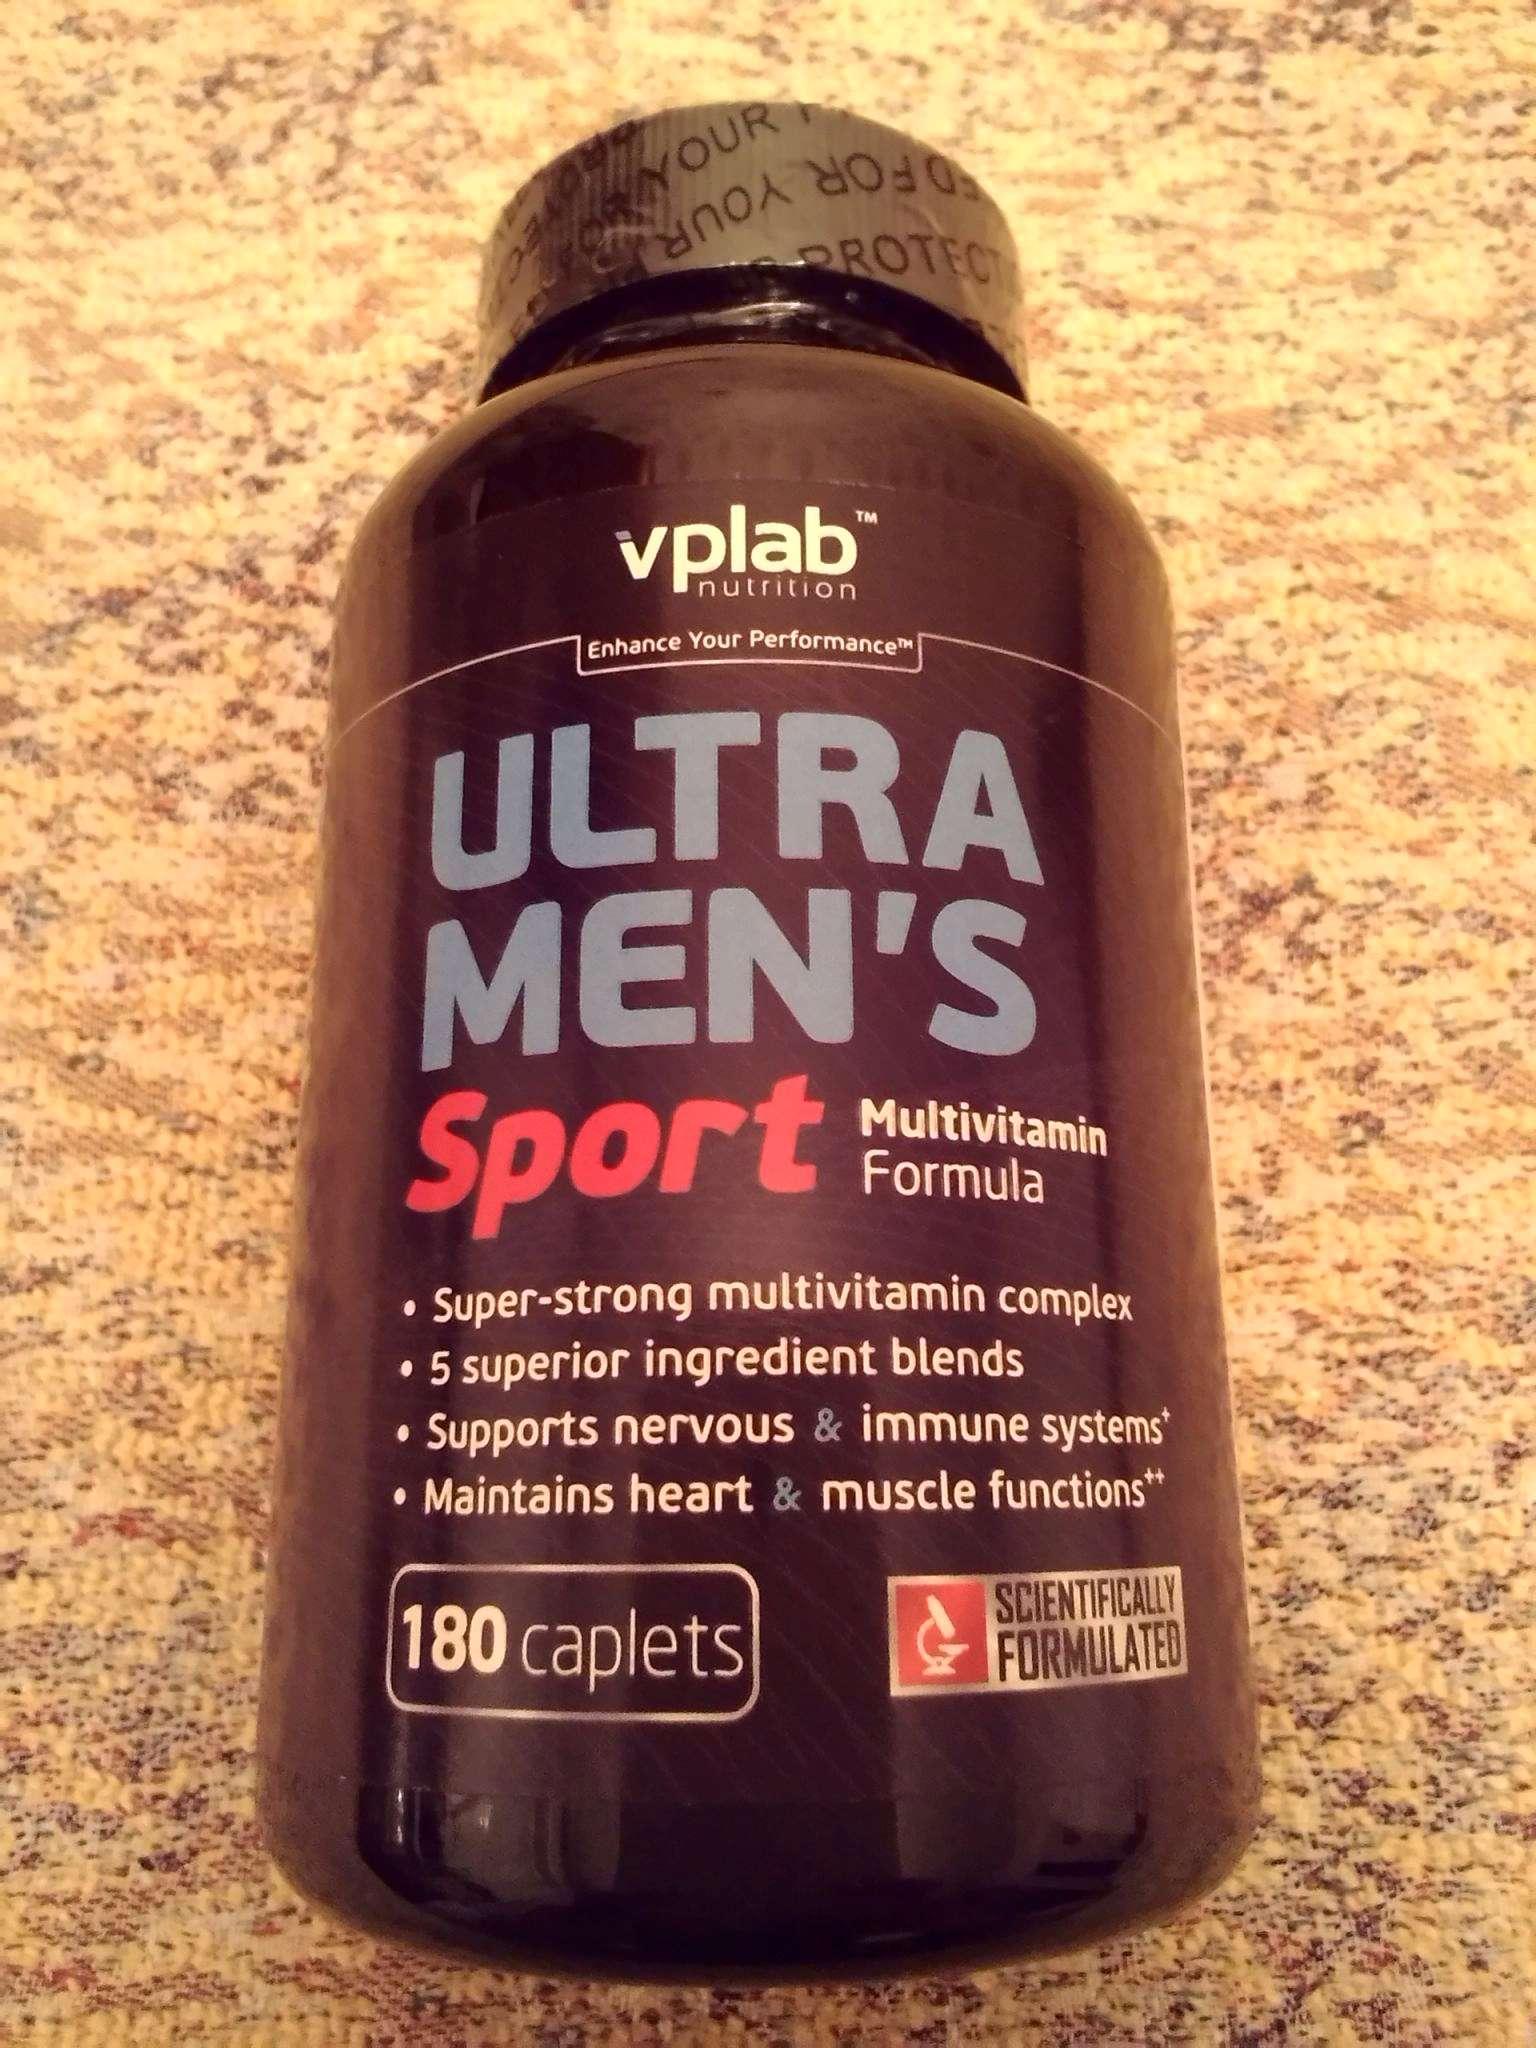 Витамины vplab ultra men s sport multivitamin formula 90 капсул